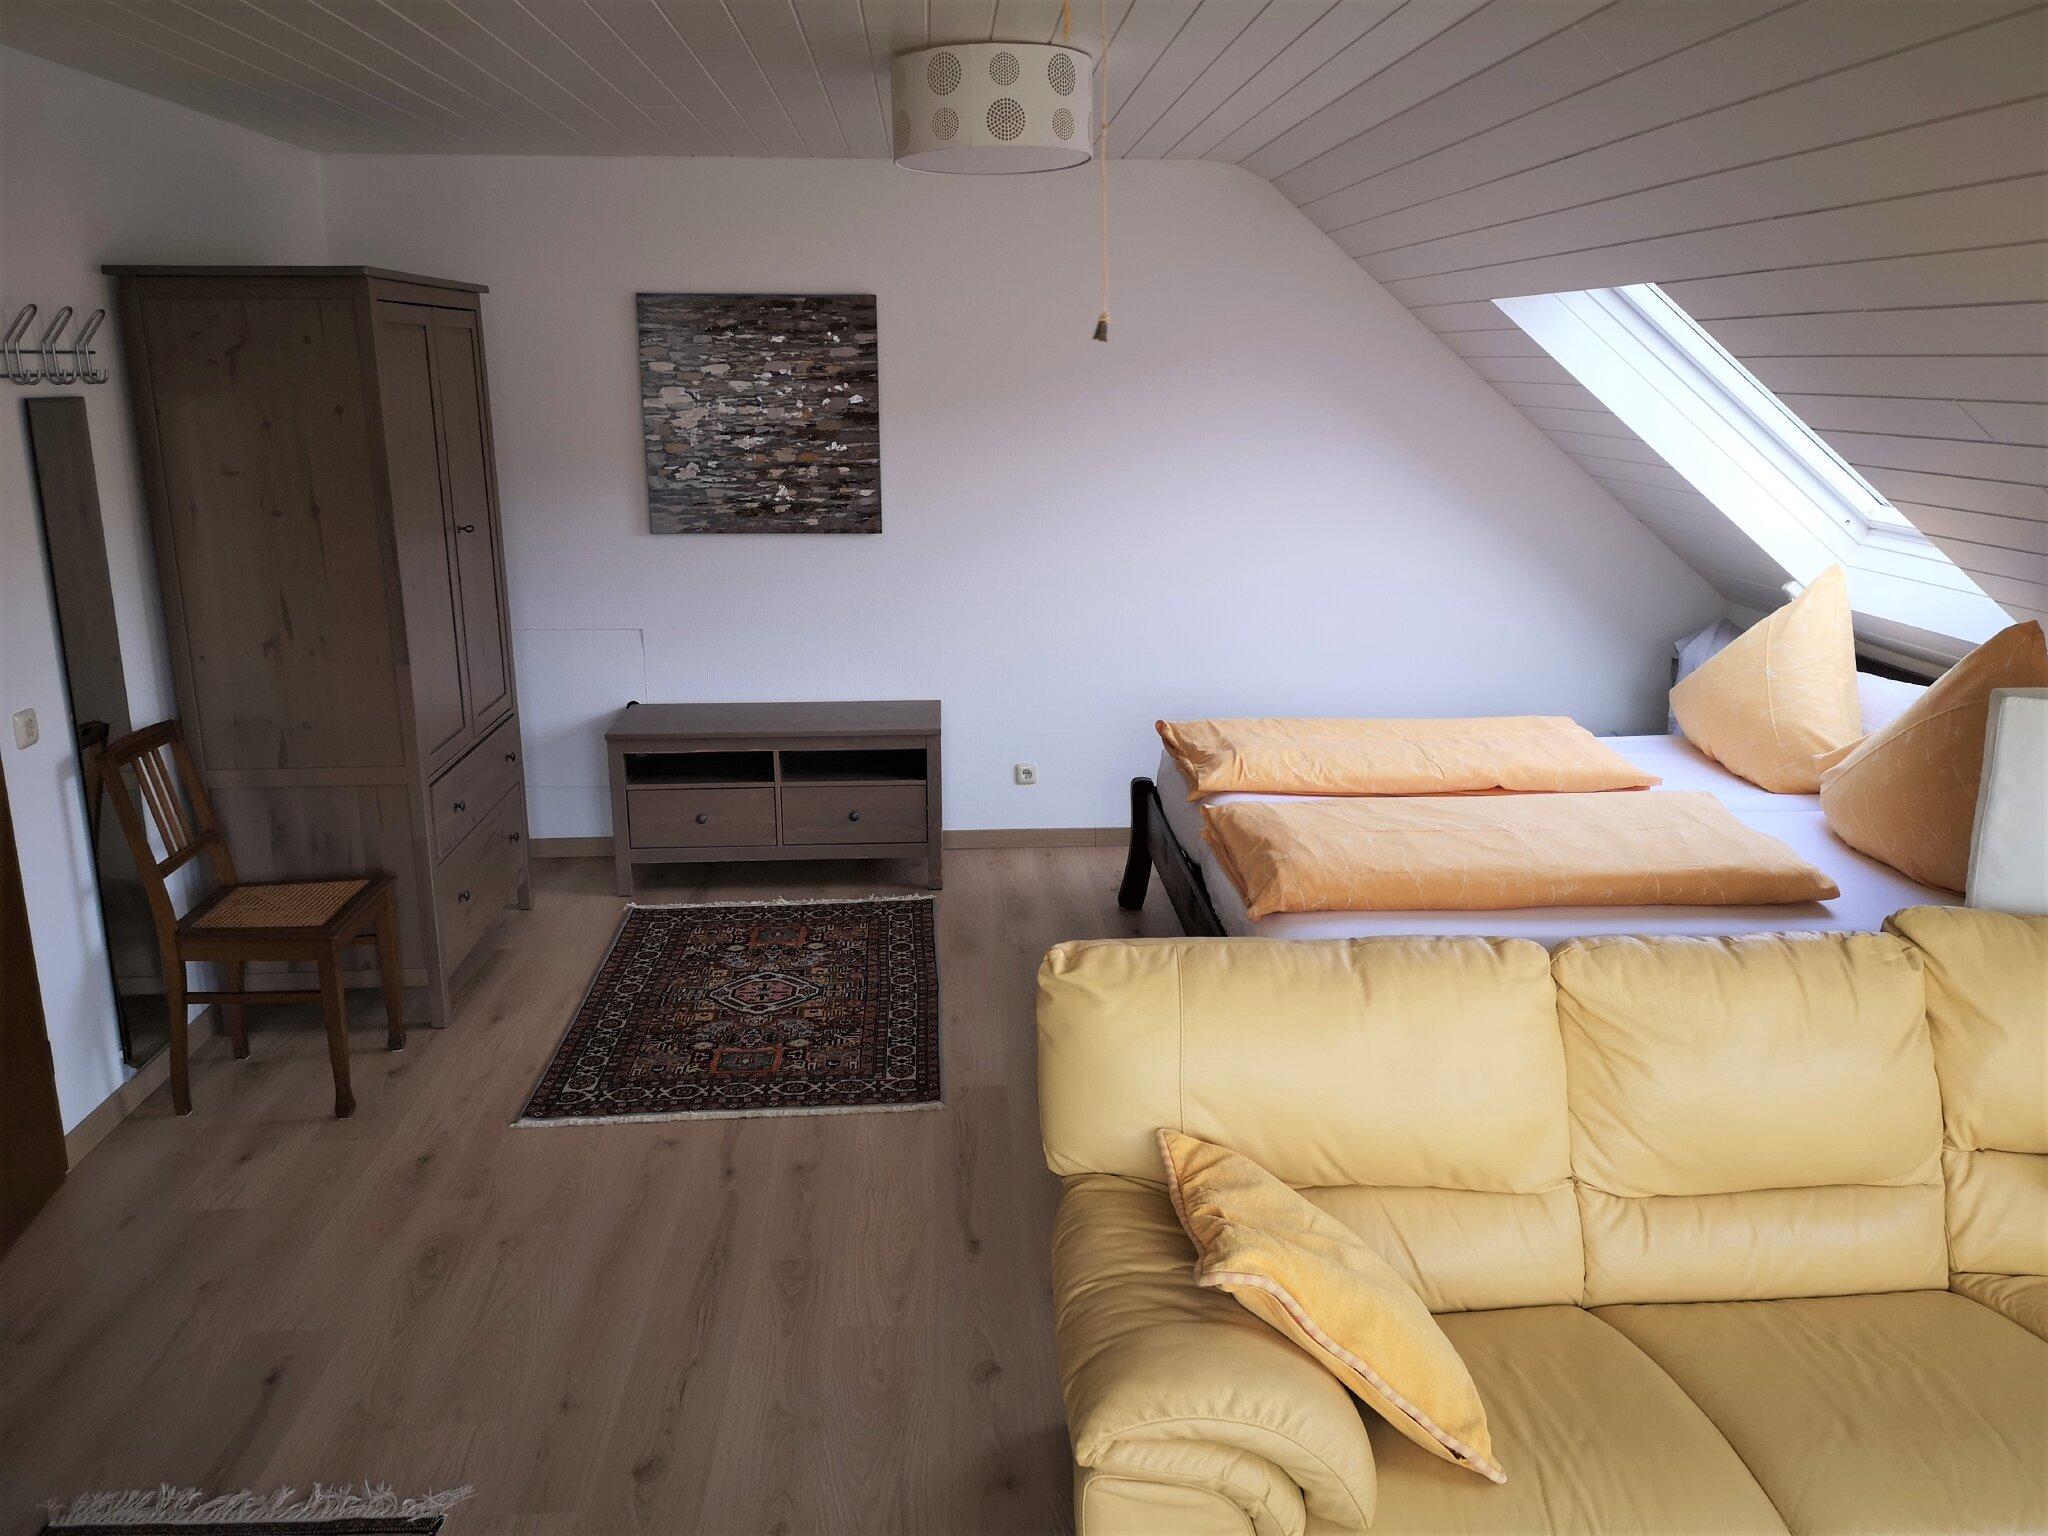 Komplett eingerichtete Wohnküche